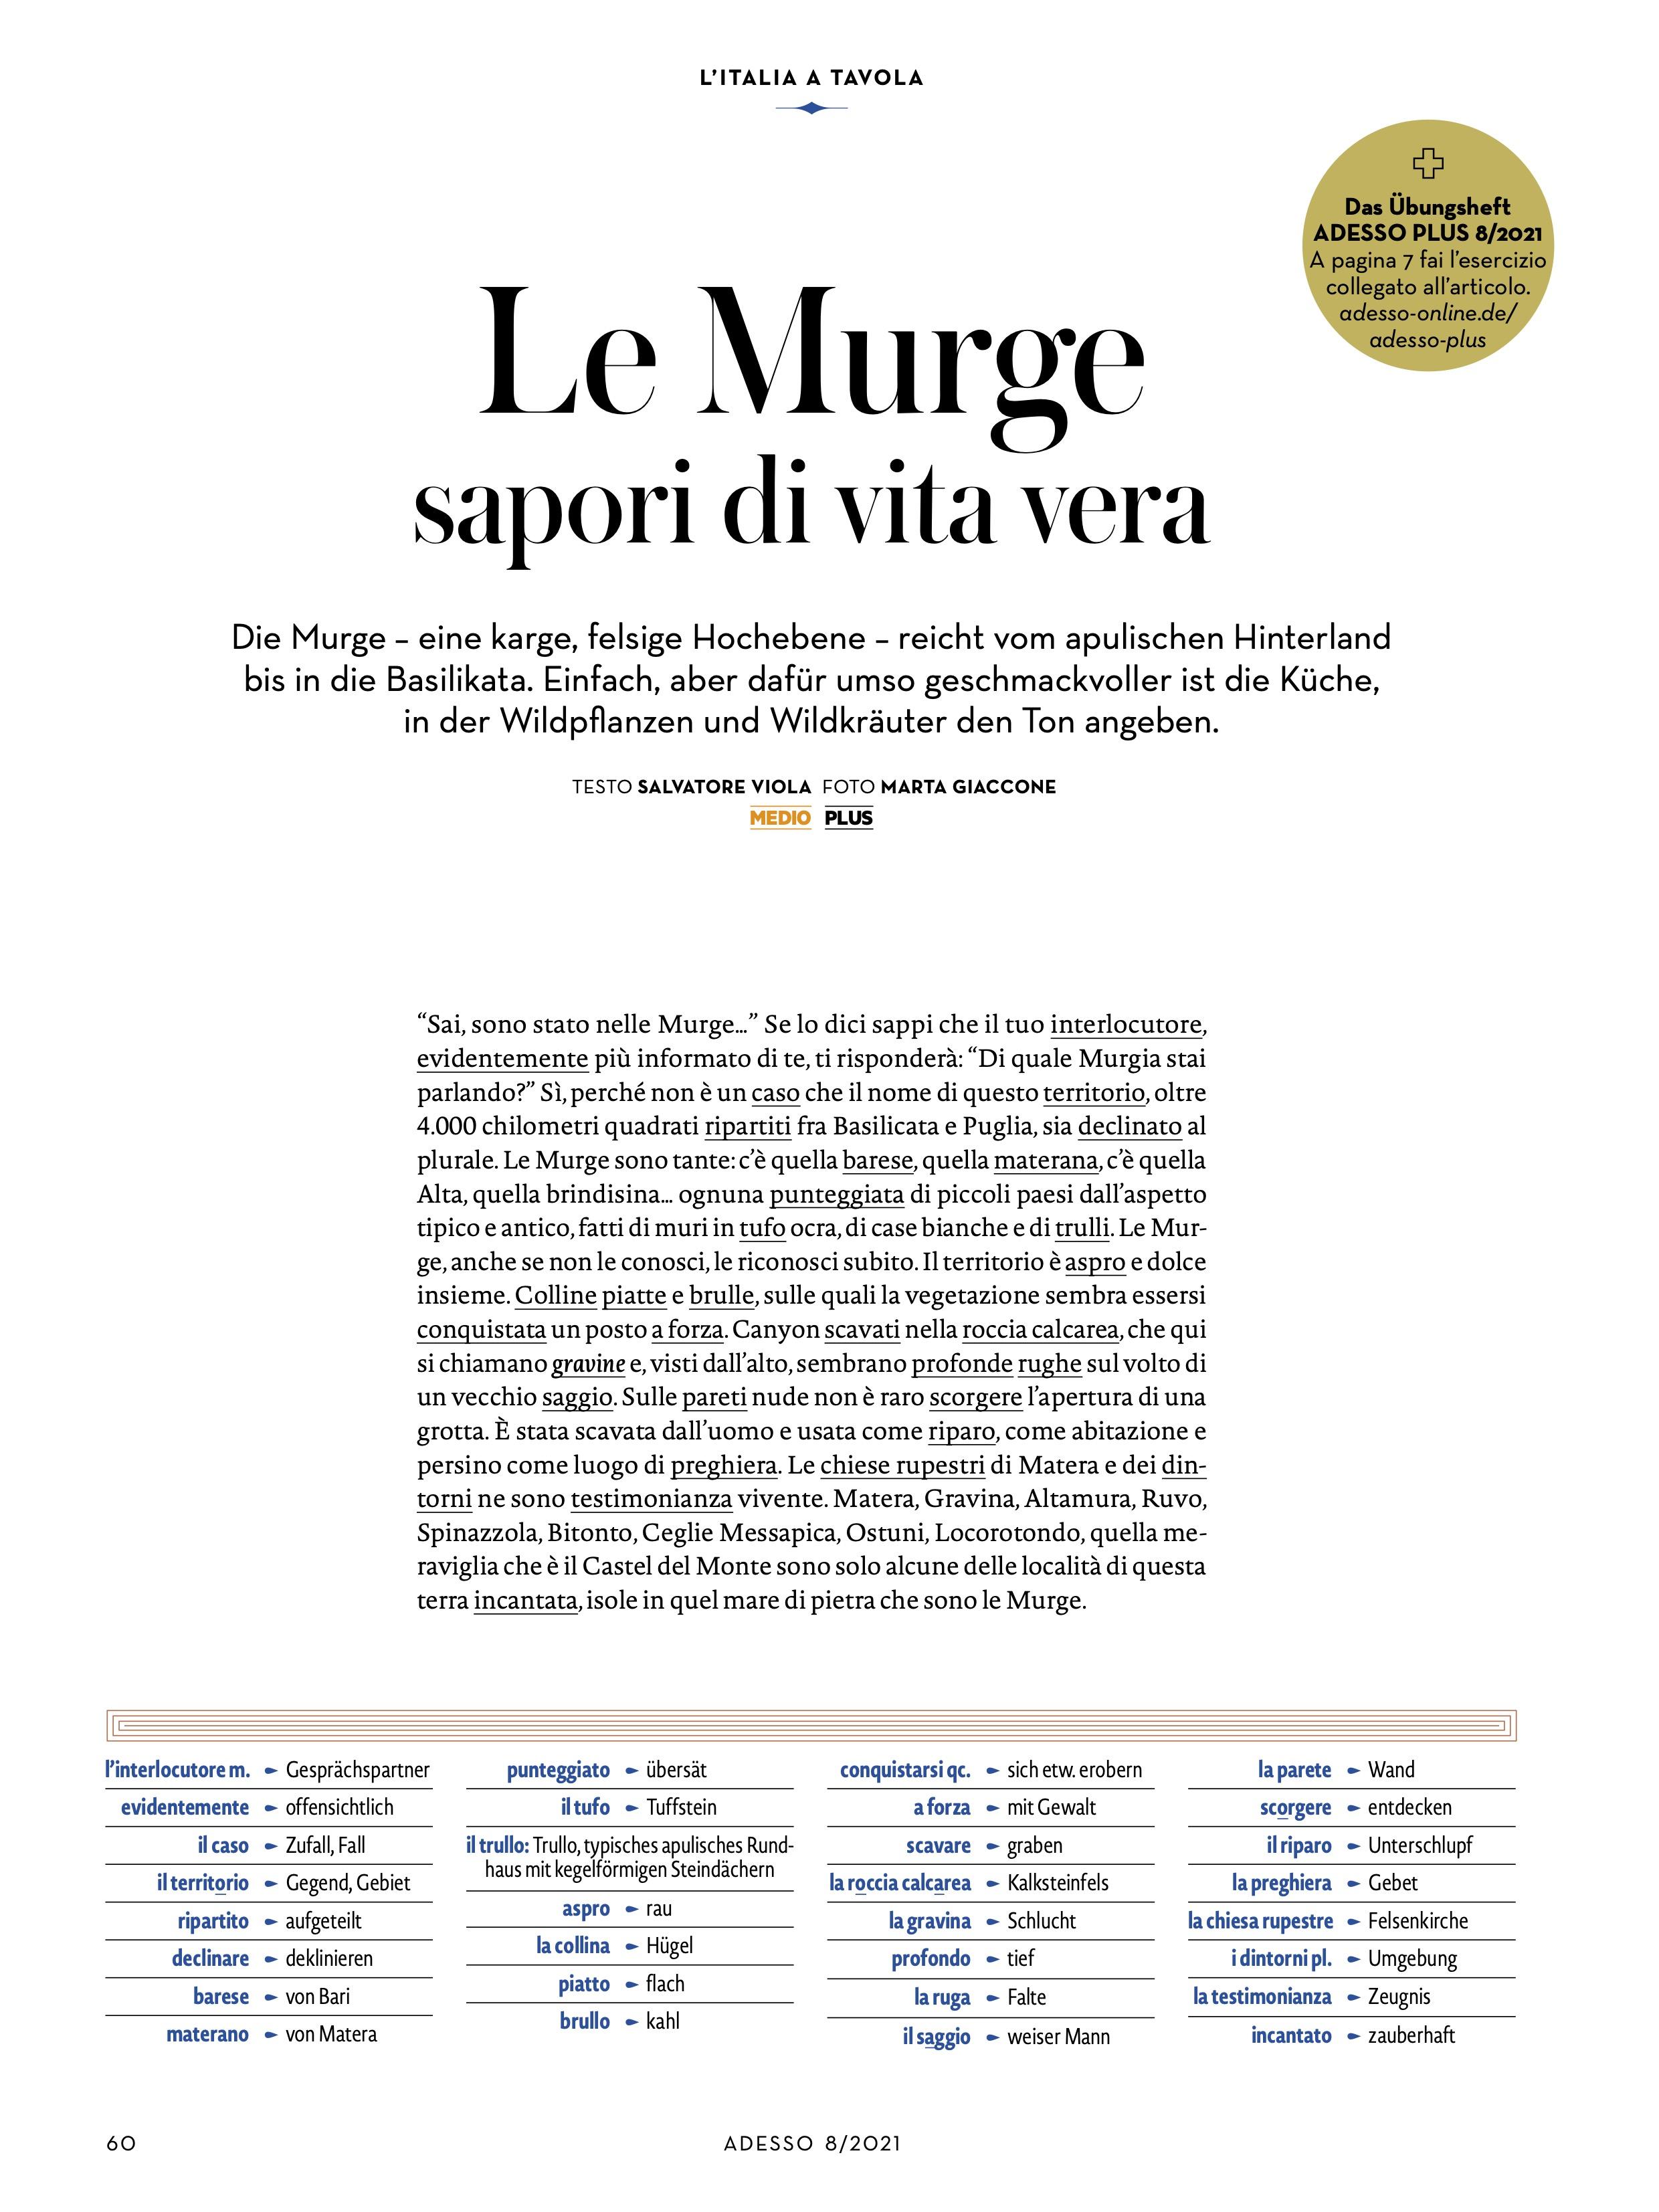 Marta Giaccone, ADESSO magazin, ZEIT, June 2021